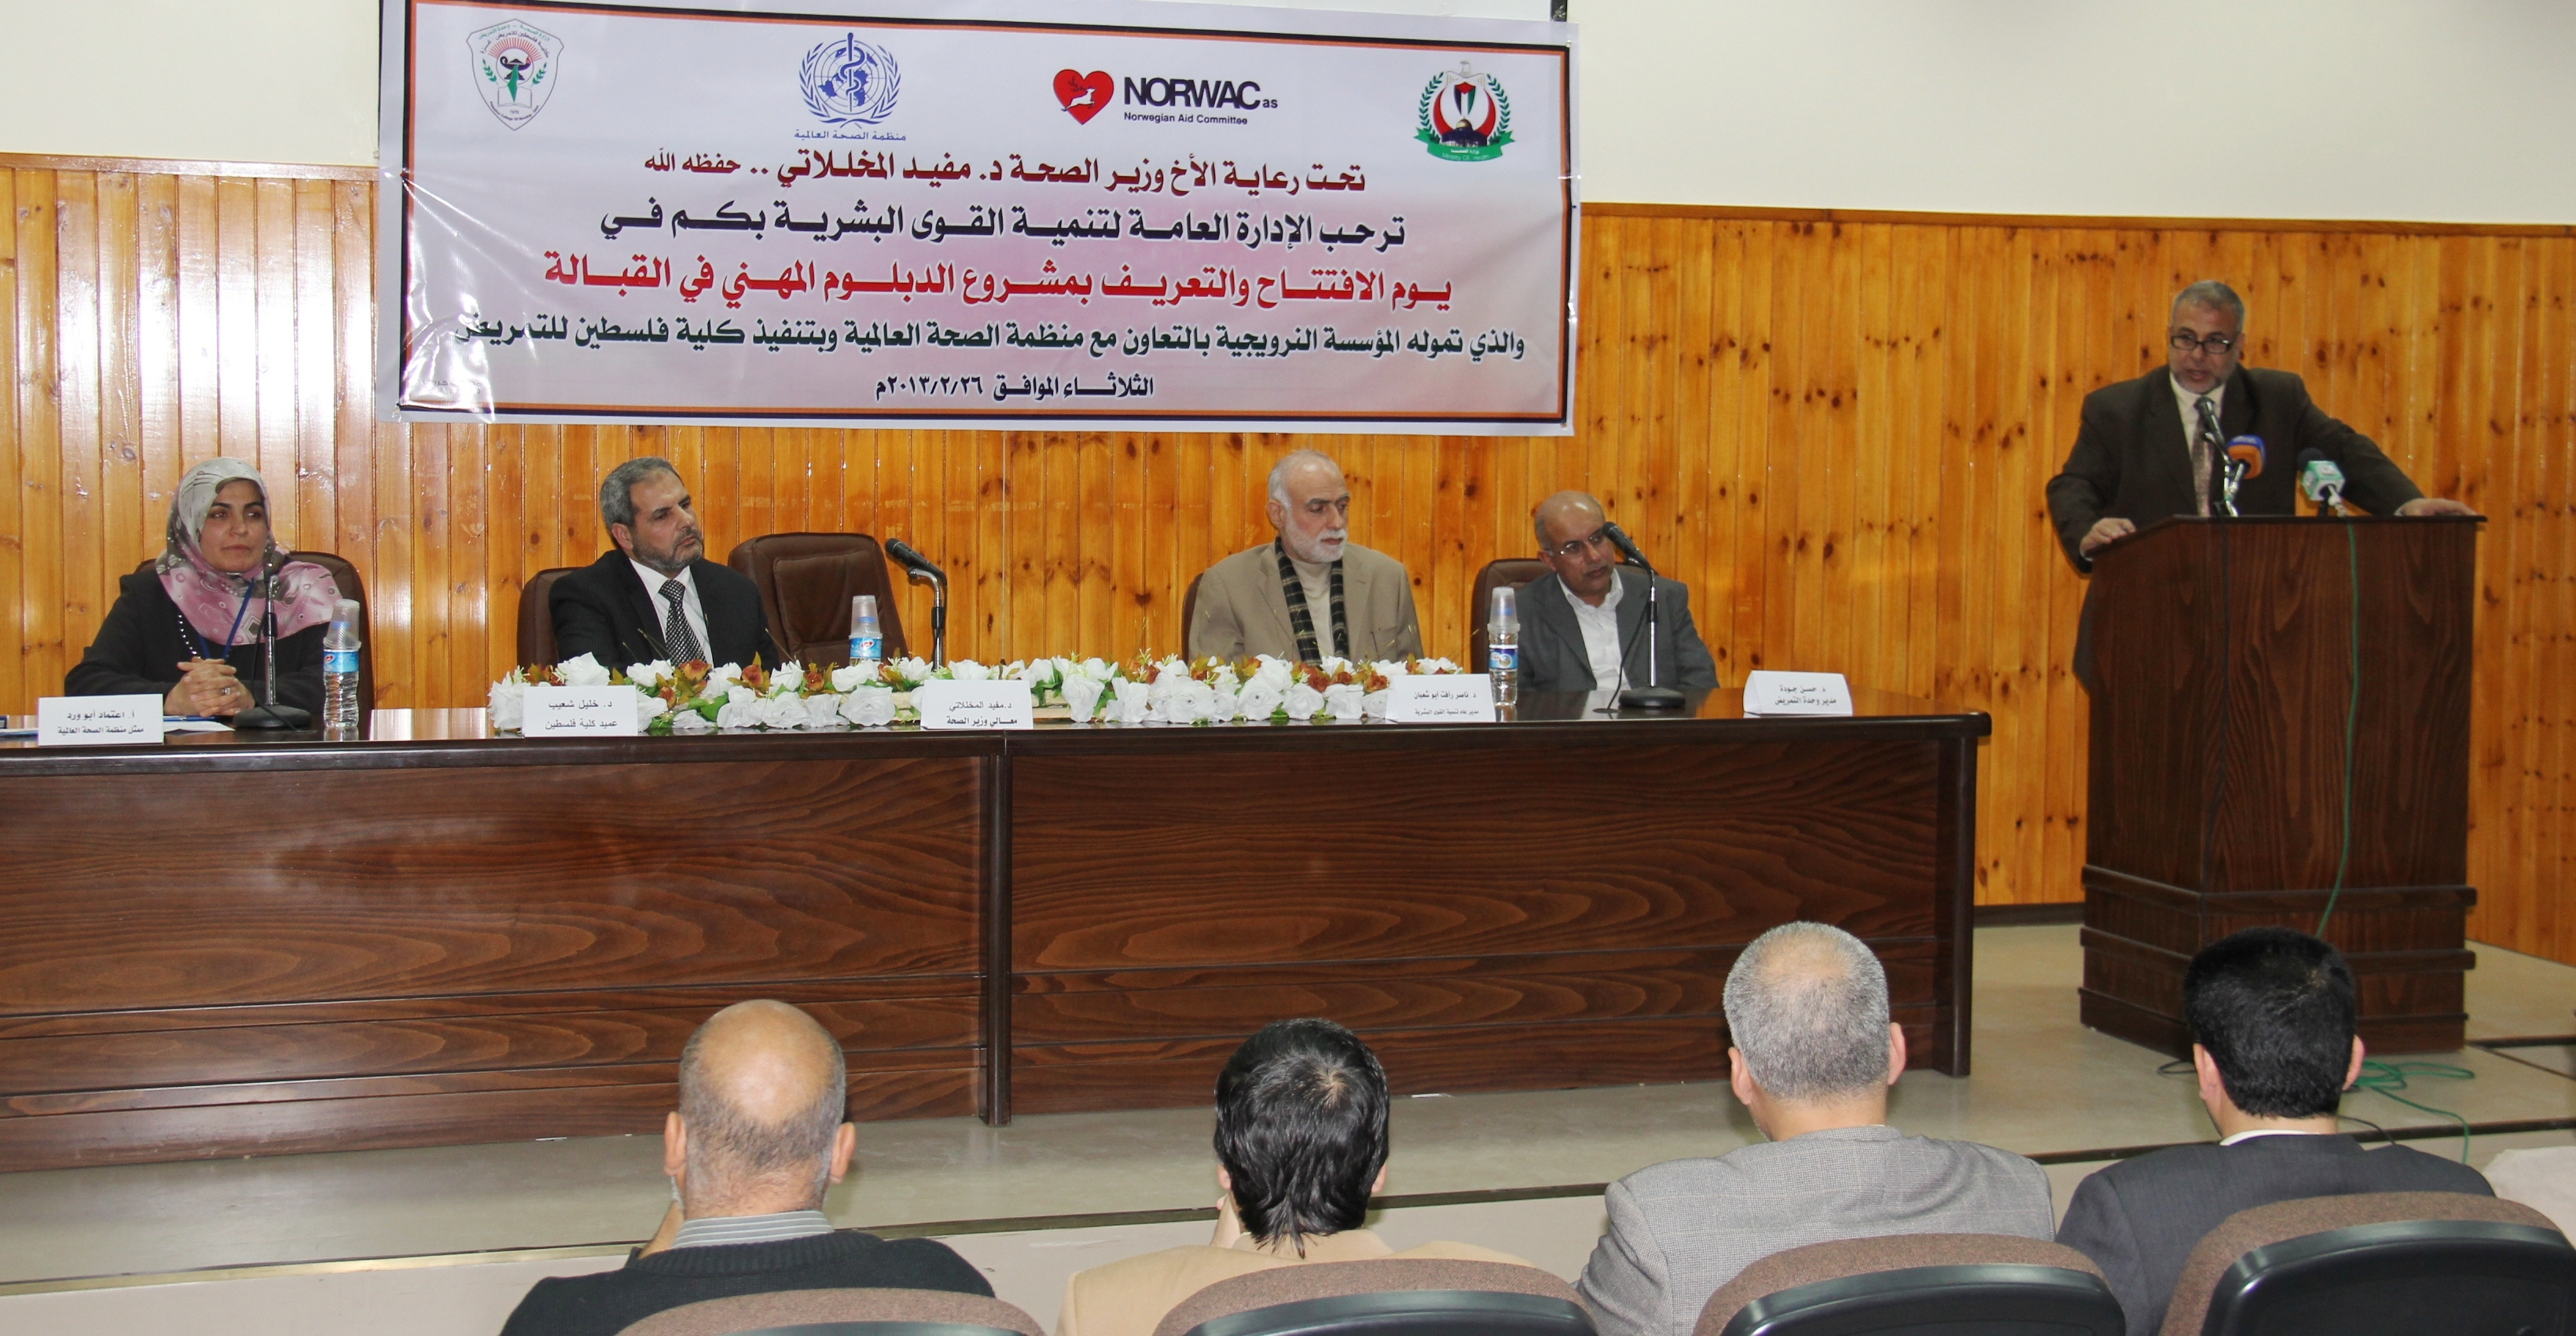 الوزير المخللاتي يؤكد على ضرورة تطوير خدمات الولادة في قطاع غزة